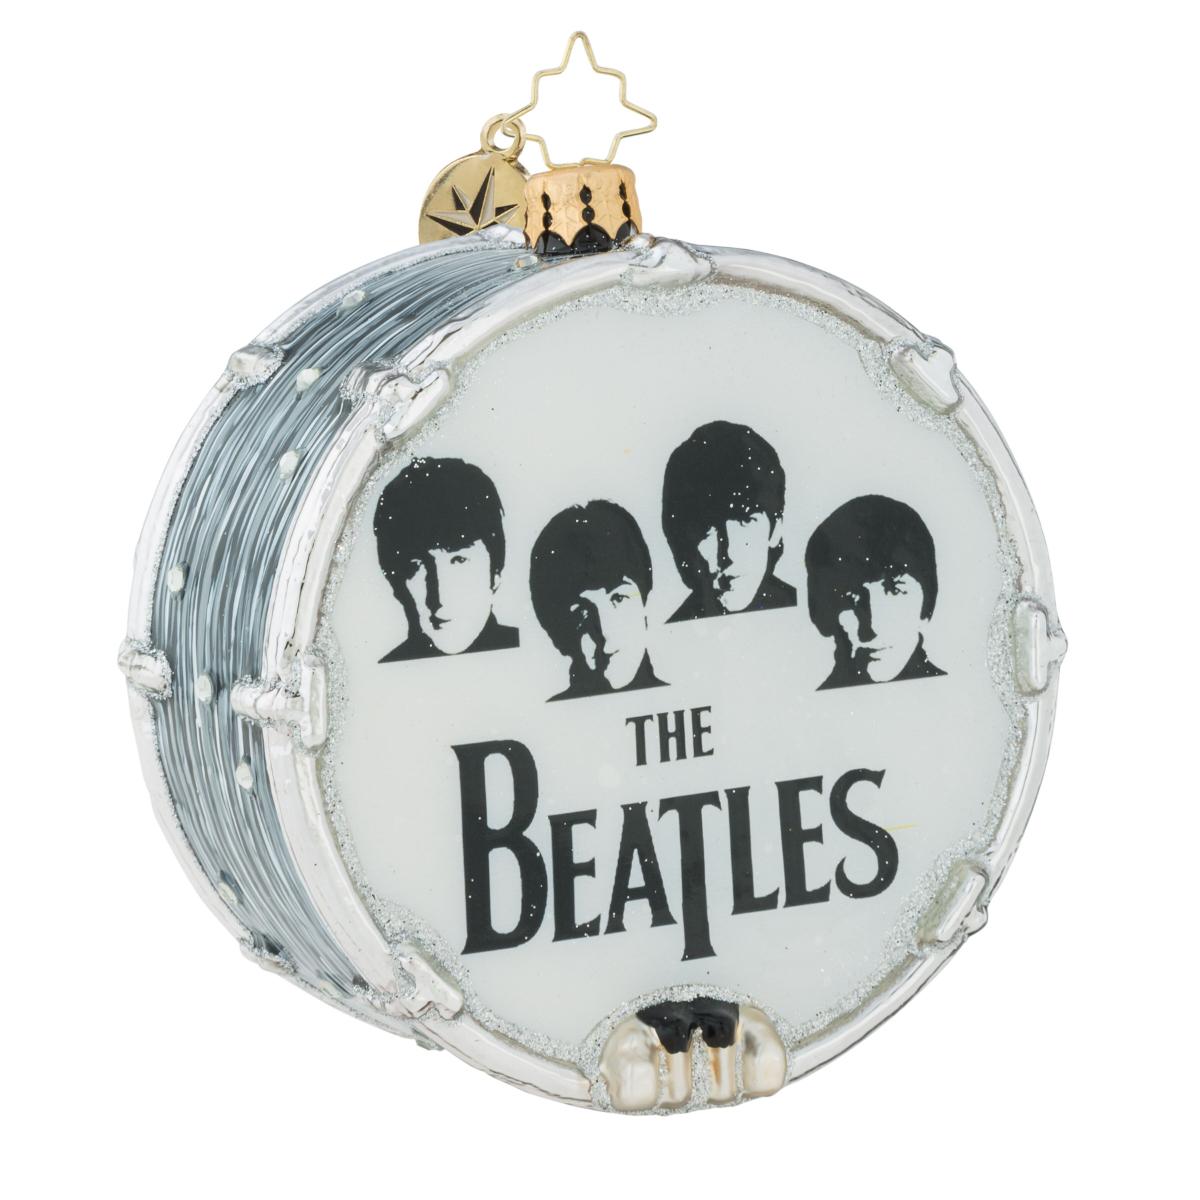 Beat-le Mania Ornament